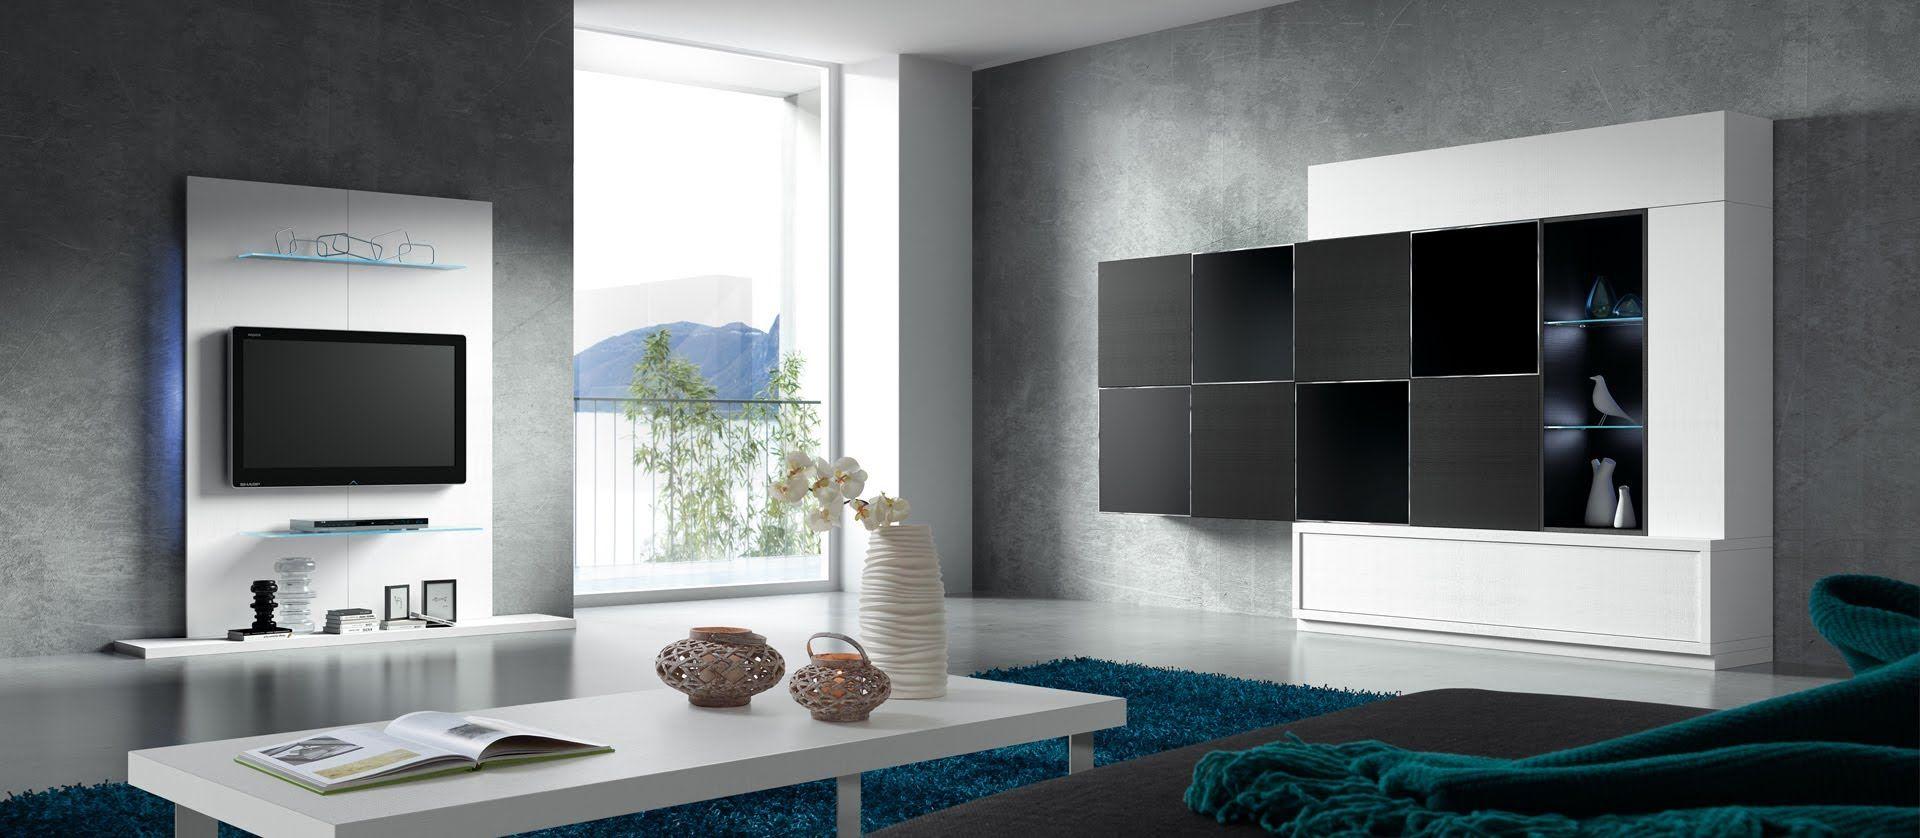 Resultado de imagen para decoracion tv colgada pared | DECORACION ...